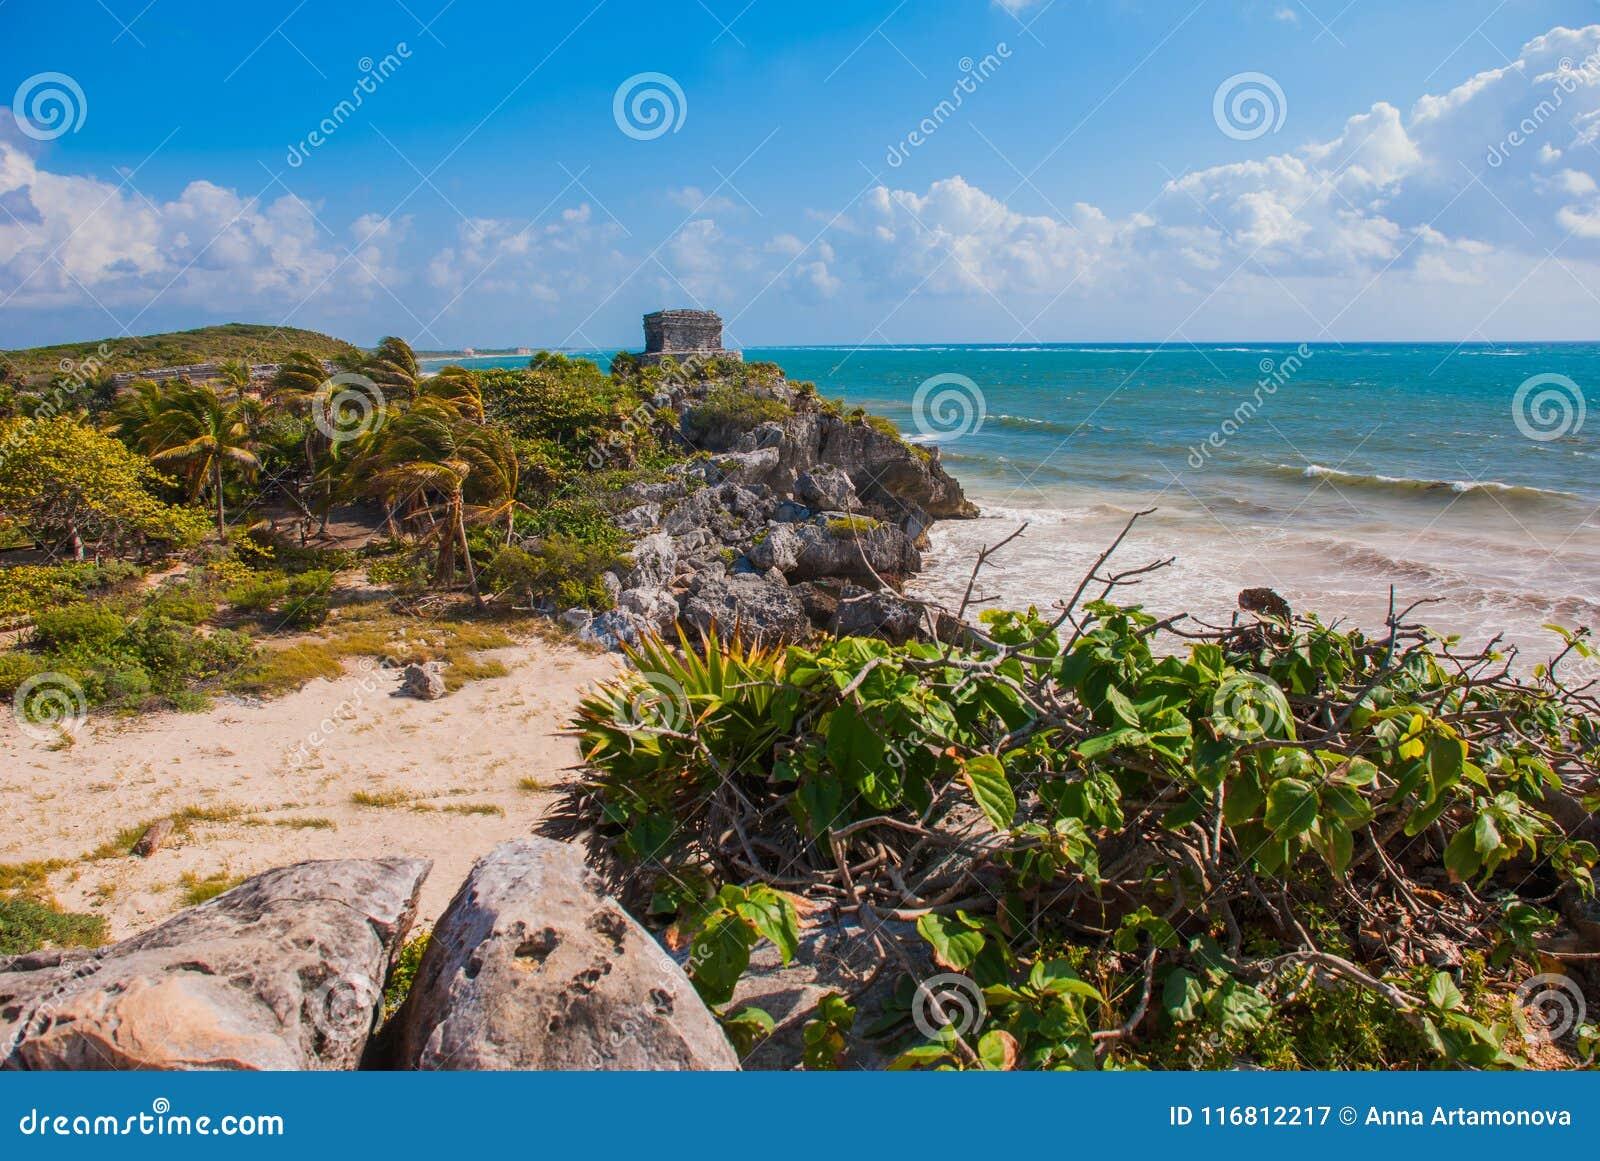 Άσπρη αμμώδης παραλία, φοίνικες, εγκαταστάσεις yucca και των Μάγια καταστροφές στο υπόβαθρο Riviera Maya στις Καραϊβικές Θάλασσες